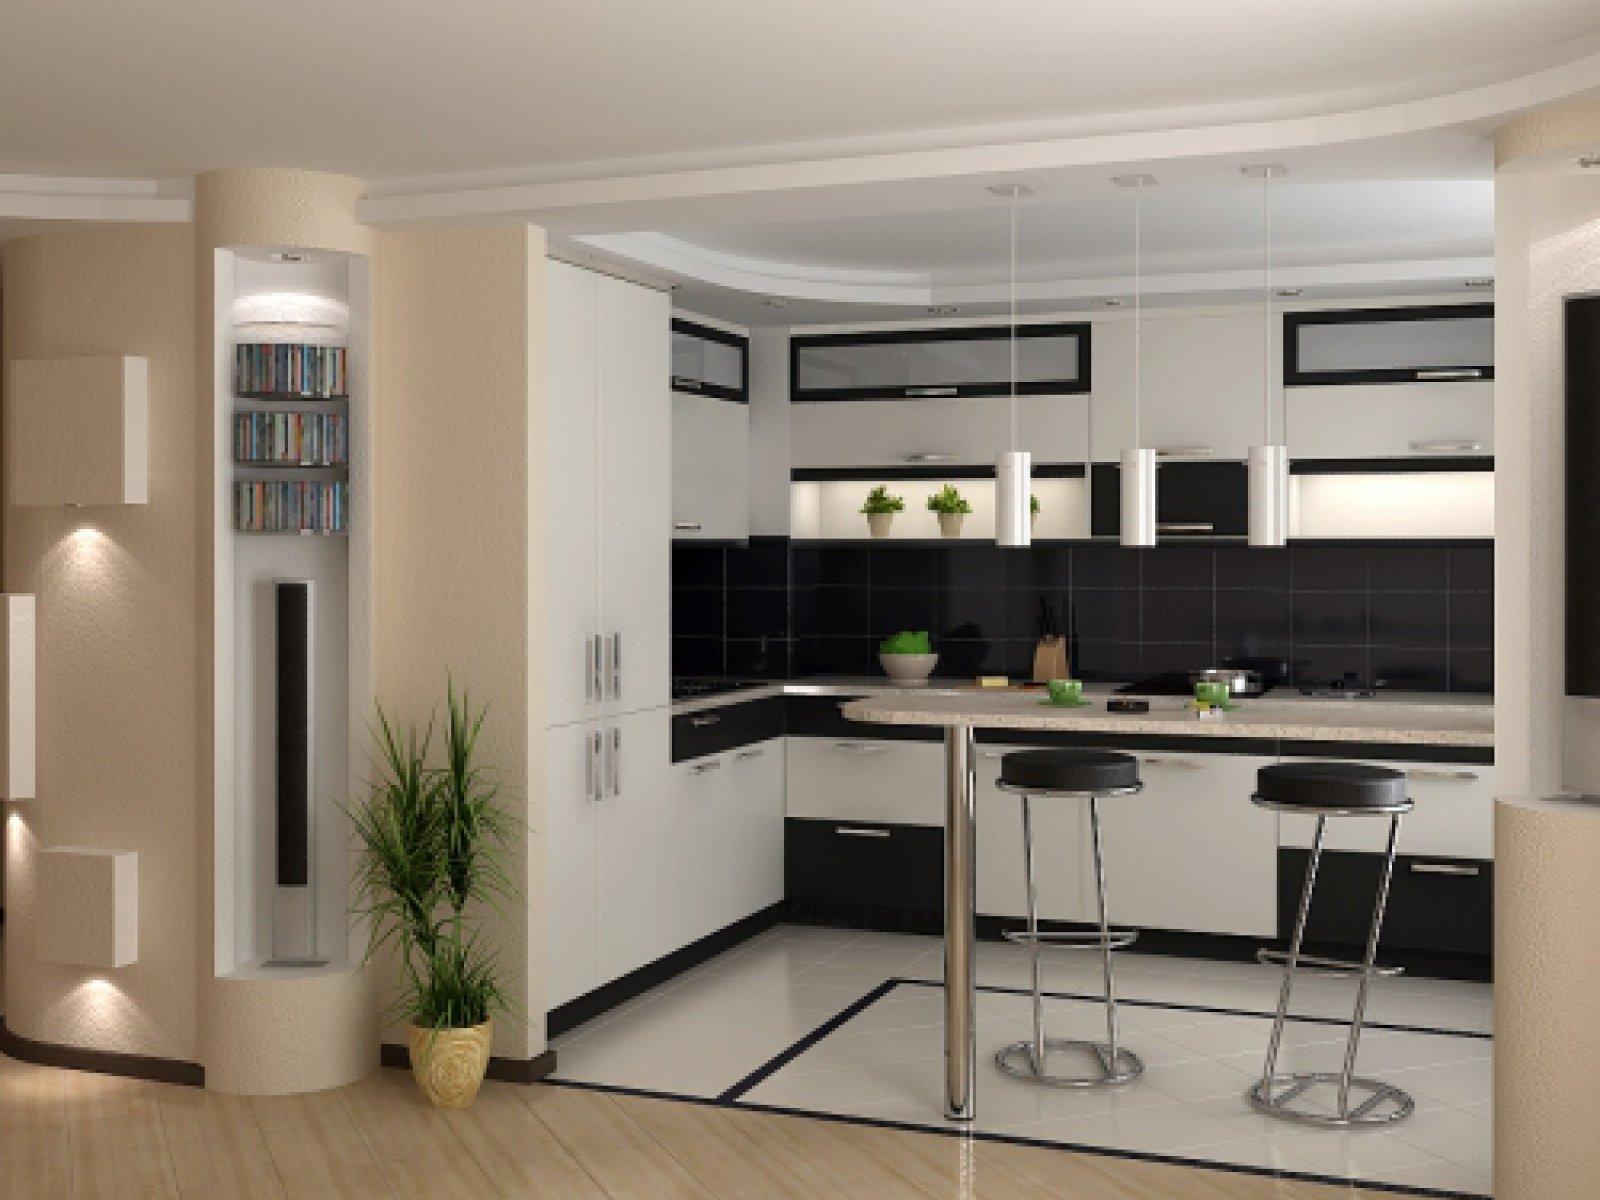 """Фото дизайн кухни с барной стойкой"""" - карточка пользователя ."""